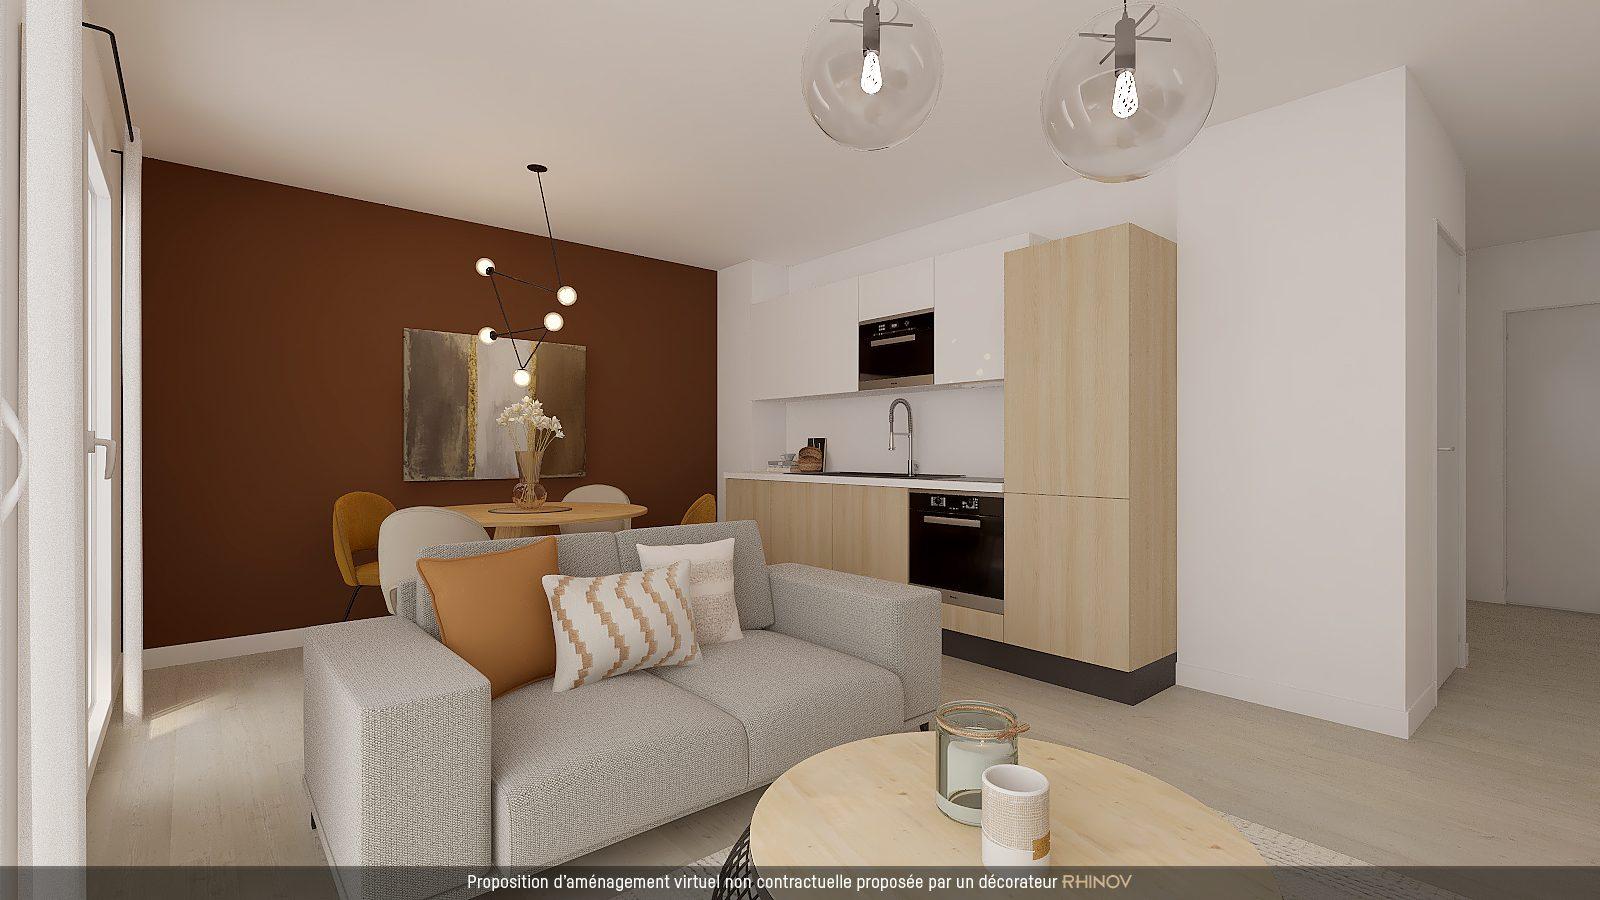 T3 NEUF AVEC TERRASSE EN ATTIQUE - Devenez propriétaire en toute confiance - Bintz Immobilier - 2